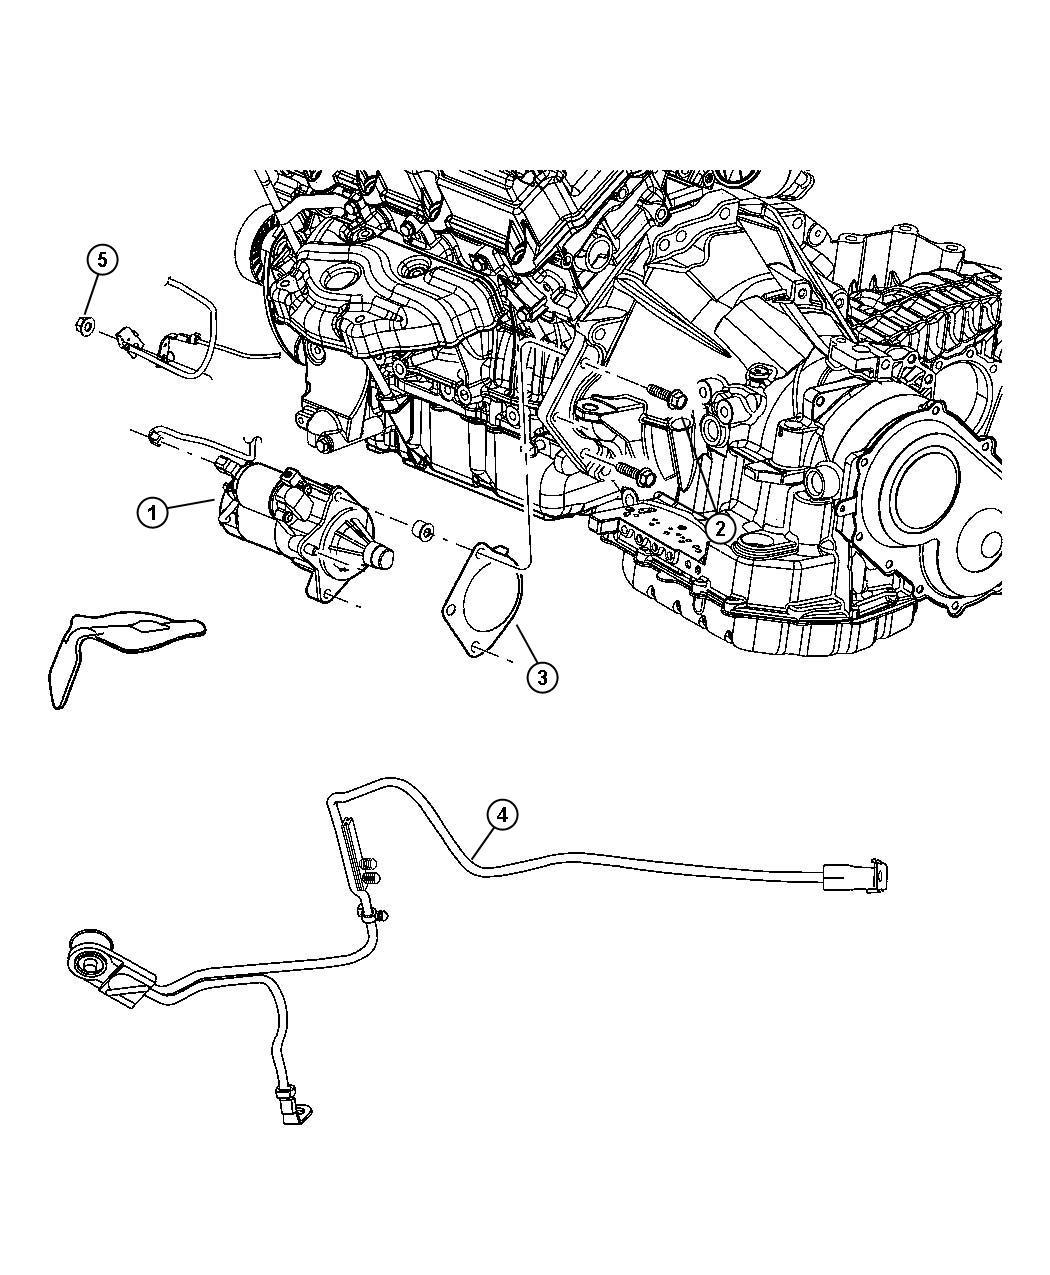 2008 Chrysler Sebring Starter. Engine. Module, maintenance